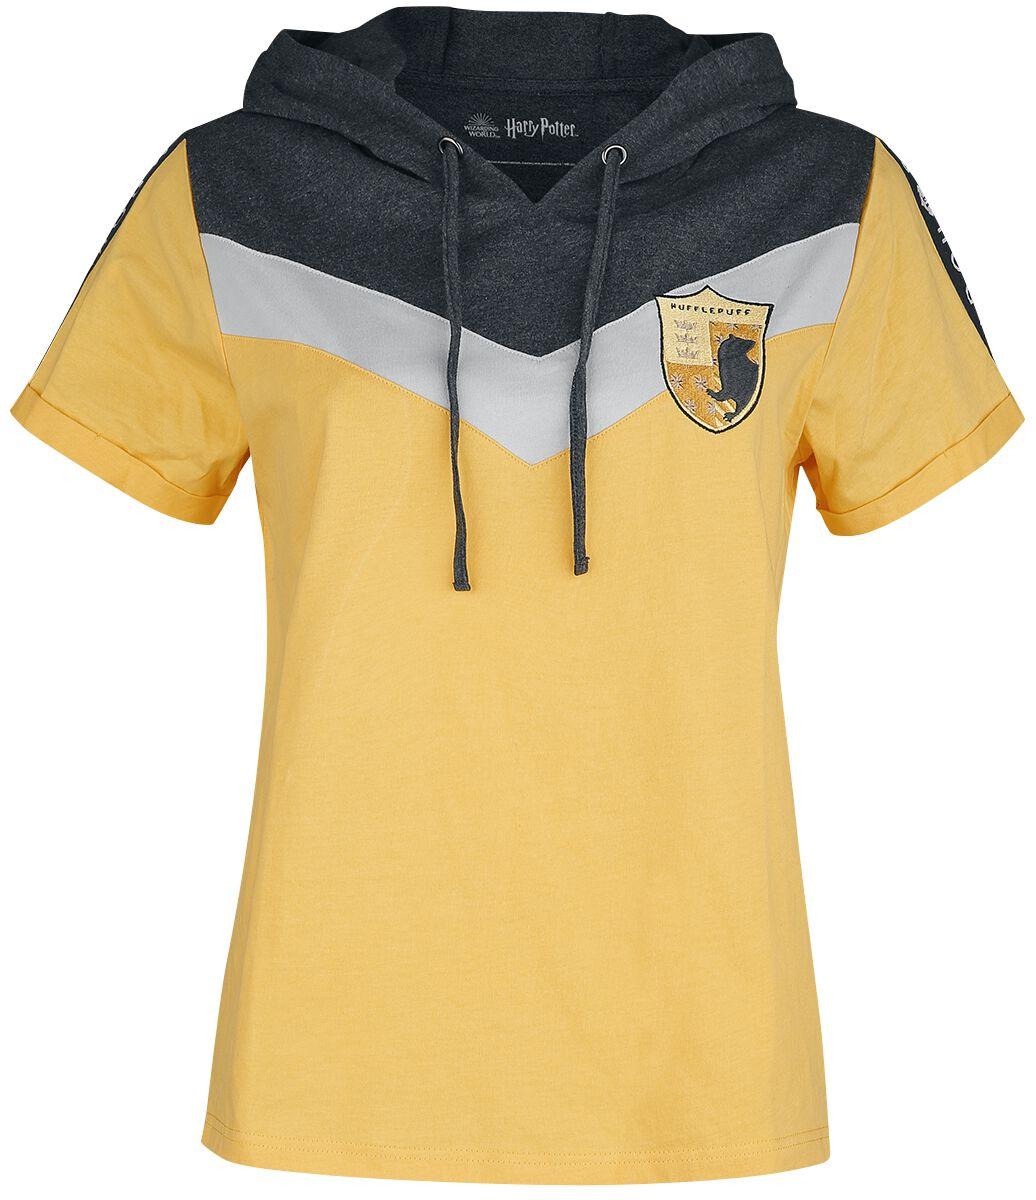 Harry Potter Hufflepuff T-Shirt gelb M430014